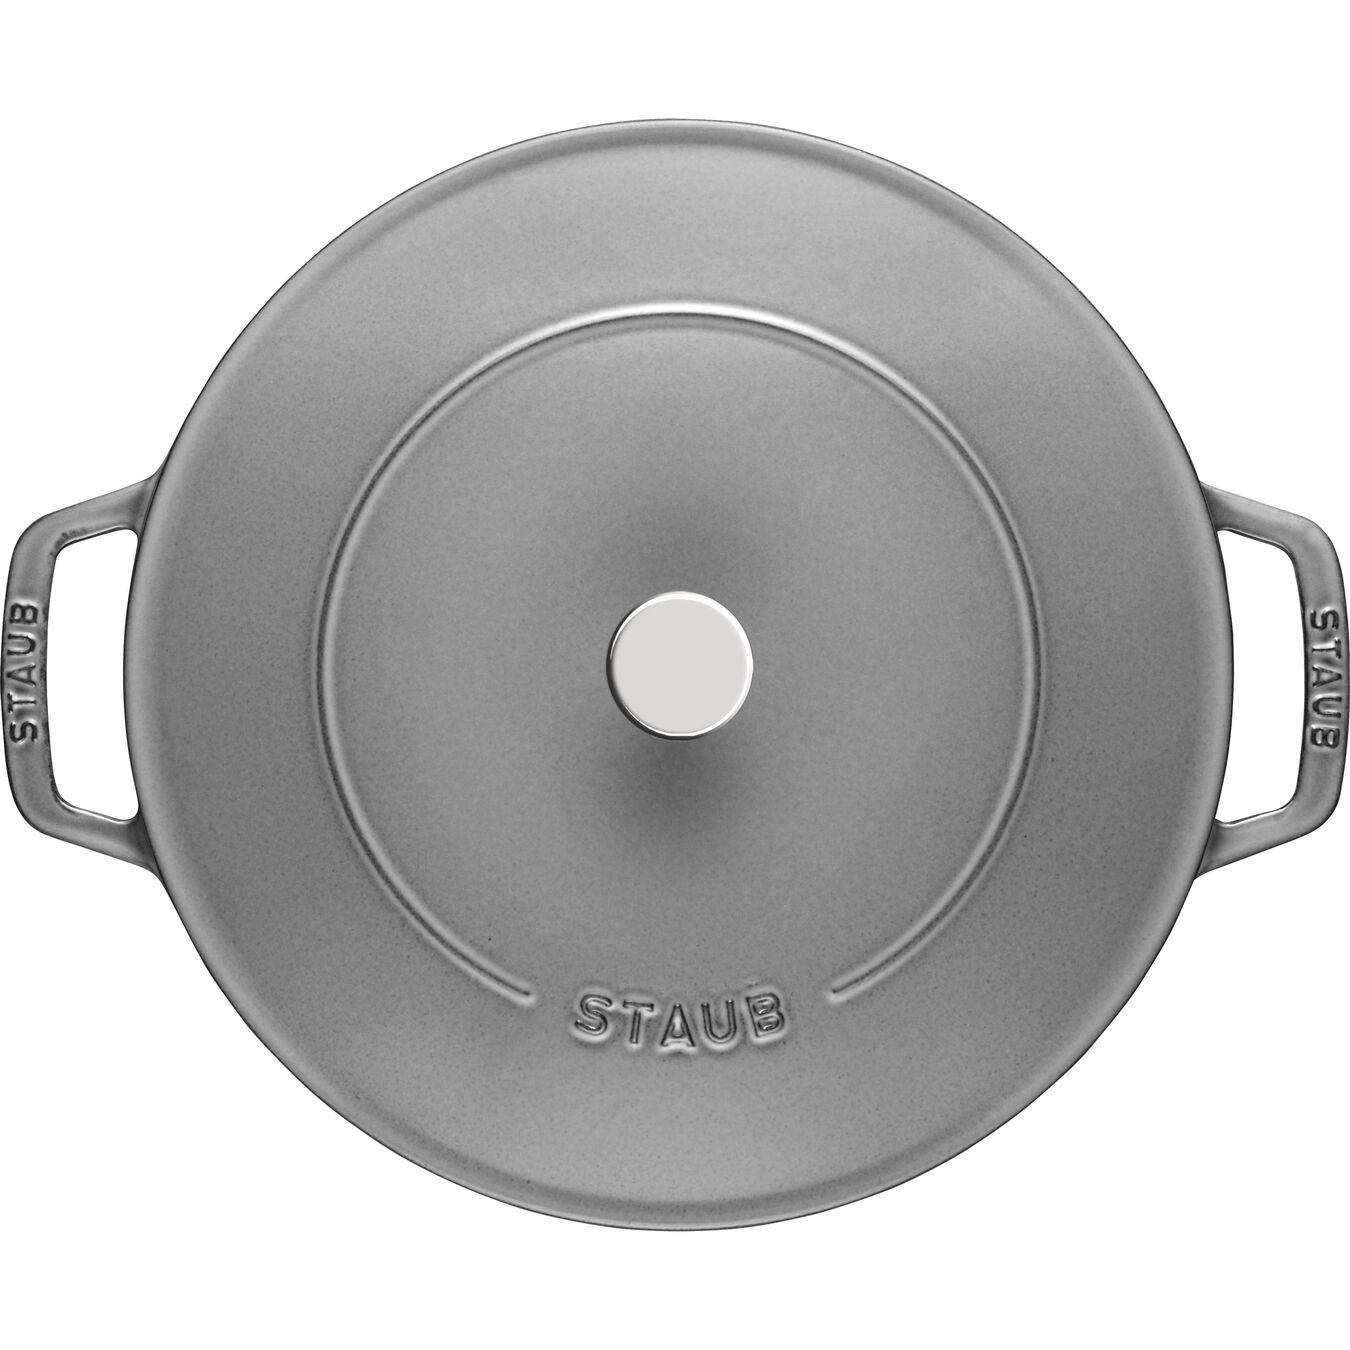 Tegame Chistera rotondo - 24 cm, grigio grafite,,large 6